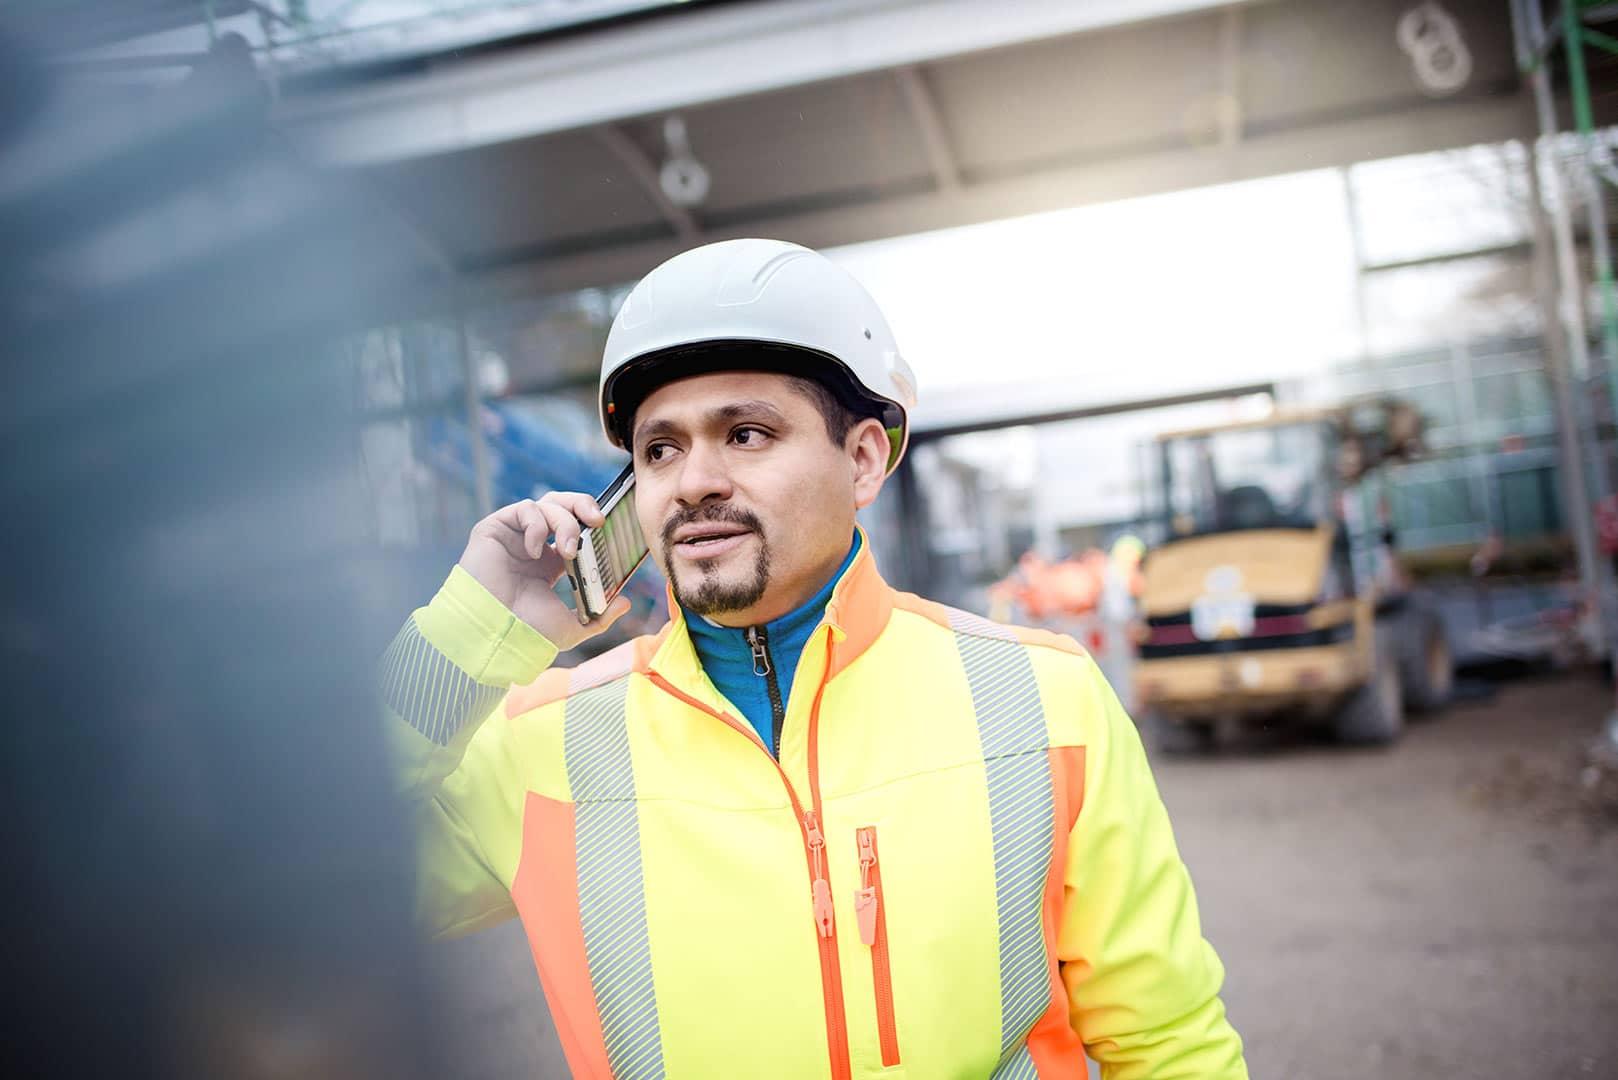 Mann mit Helm telefoniert auf einer Baustelle, Bauleiter, Bagger, Outdoor, Zuversicht, Stolz